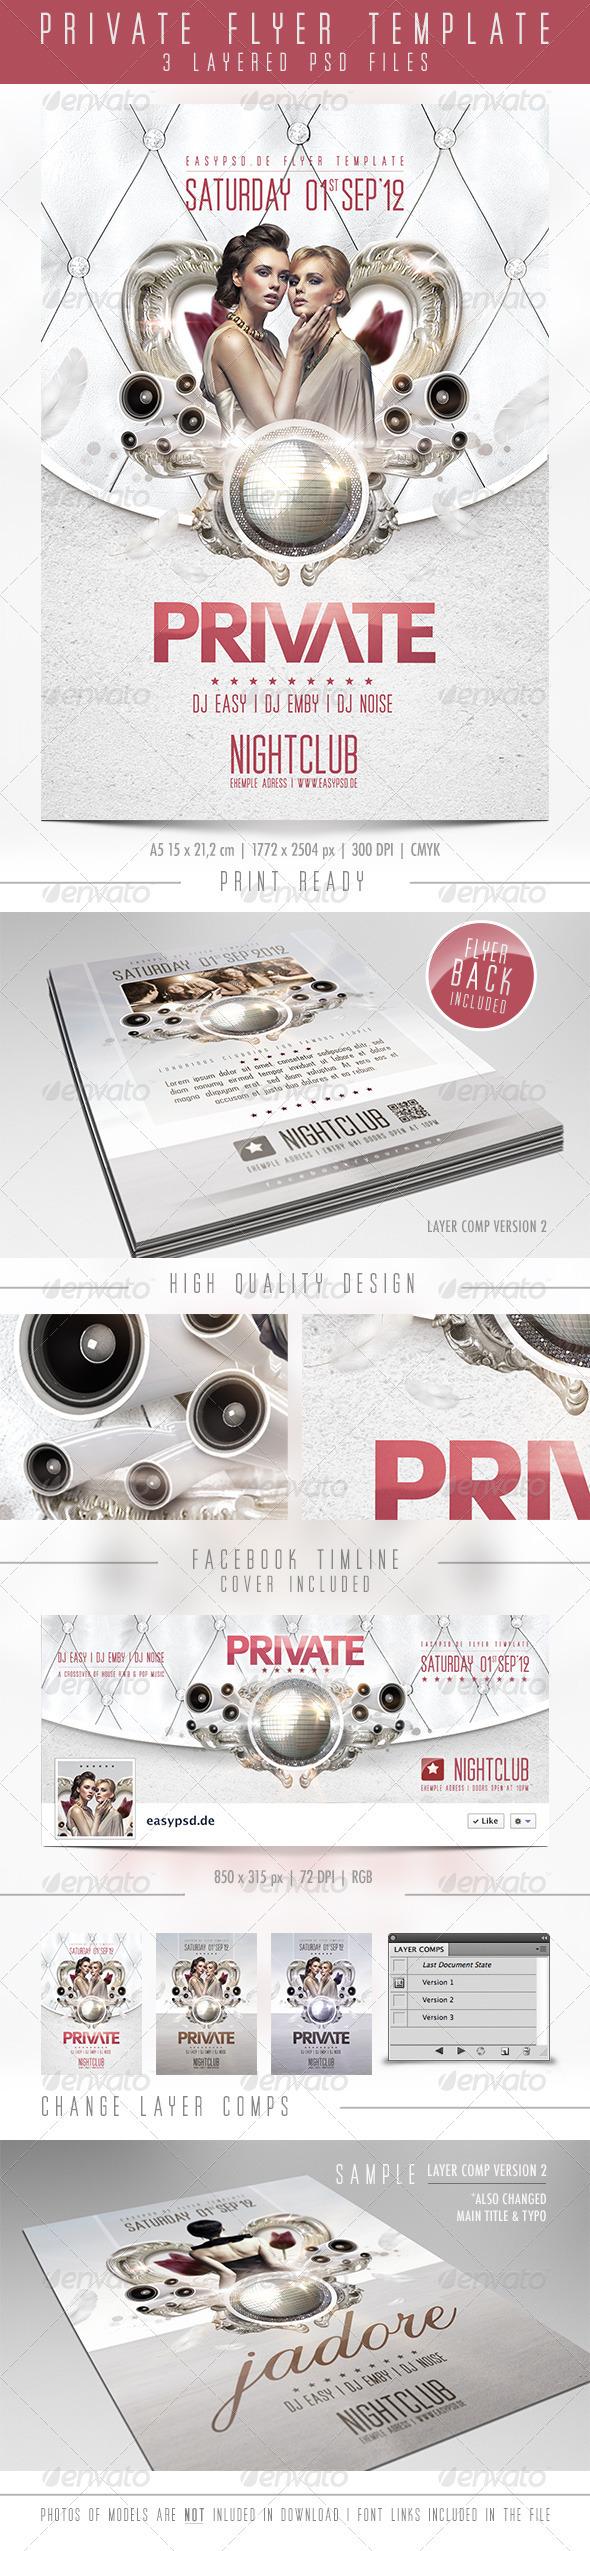 GraphicRiver Private Flyer Template 2633933